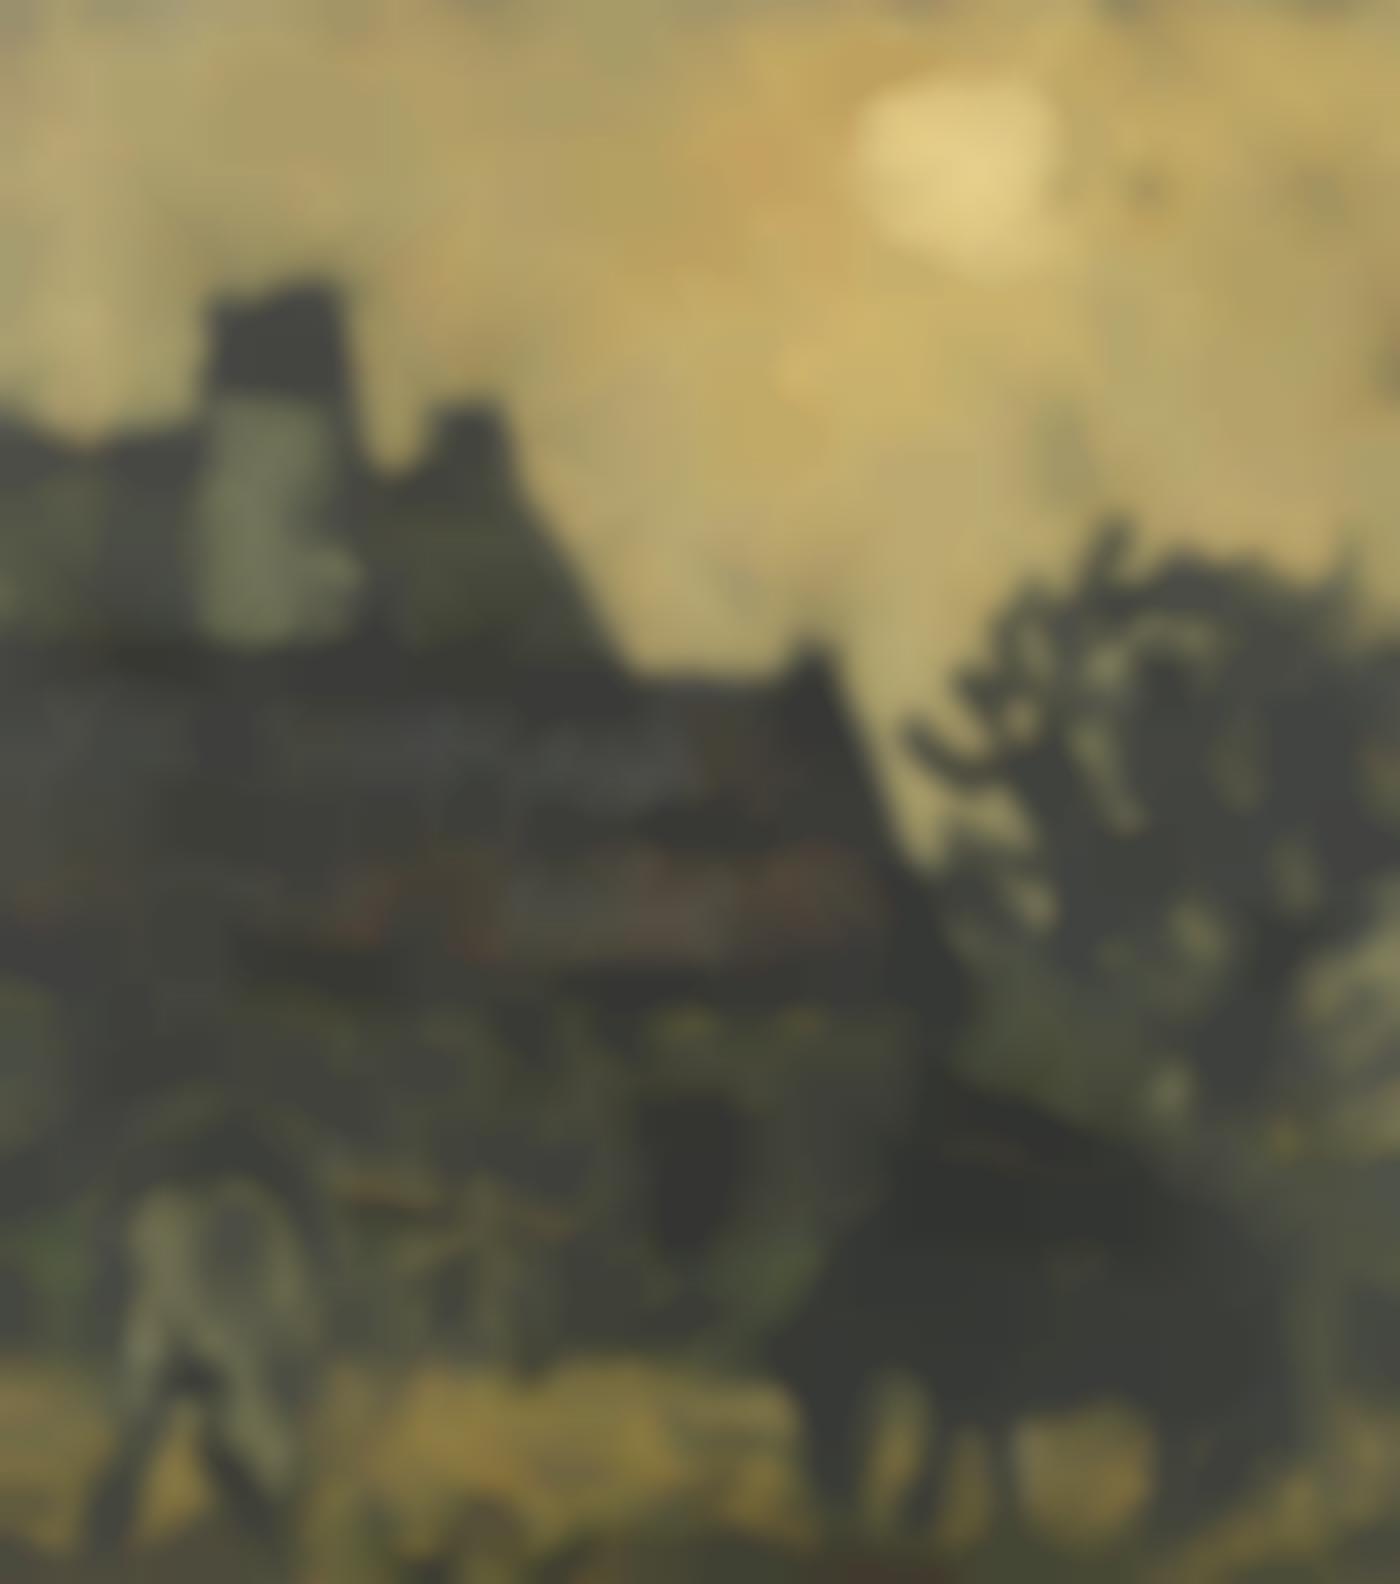 Kyffin Williams - Horse, Rhosson Uchaf (St Davids Head)-